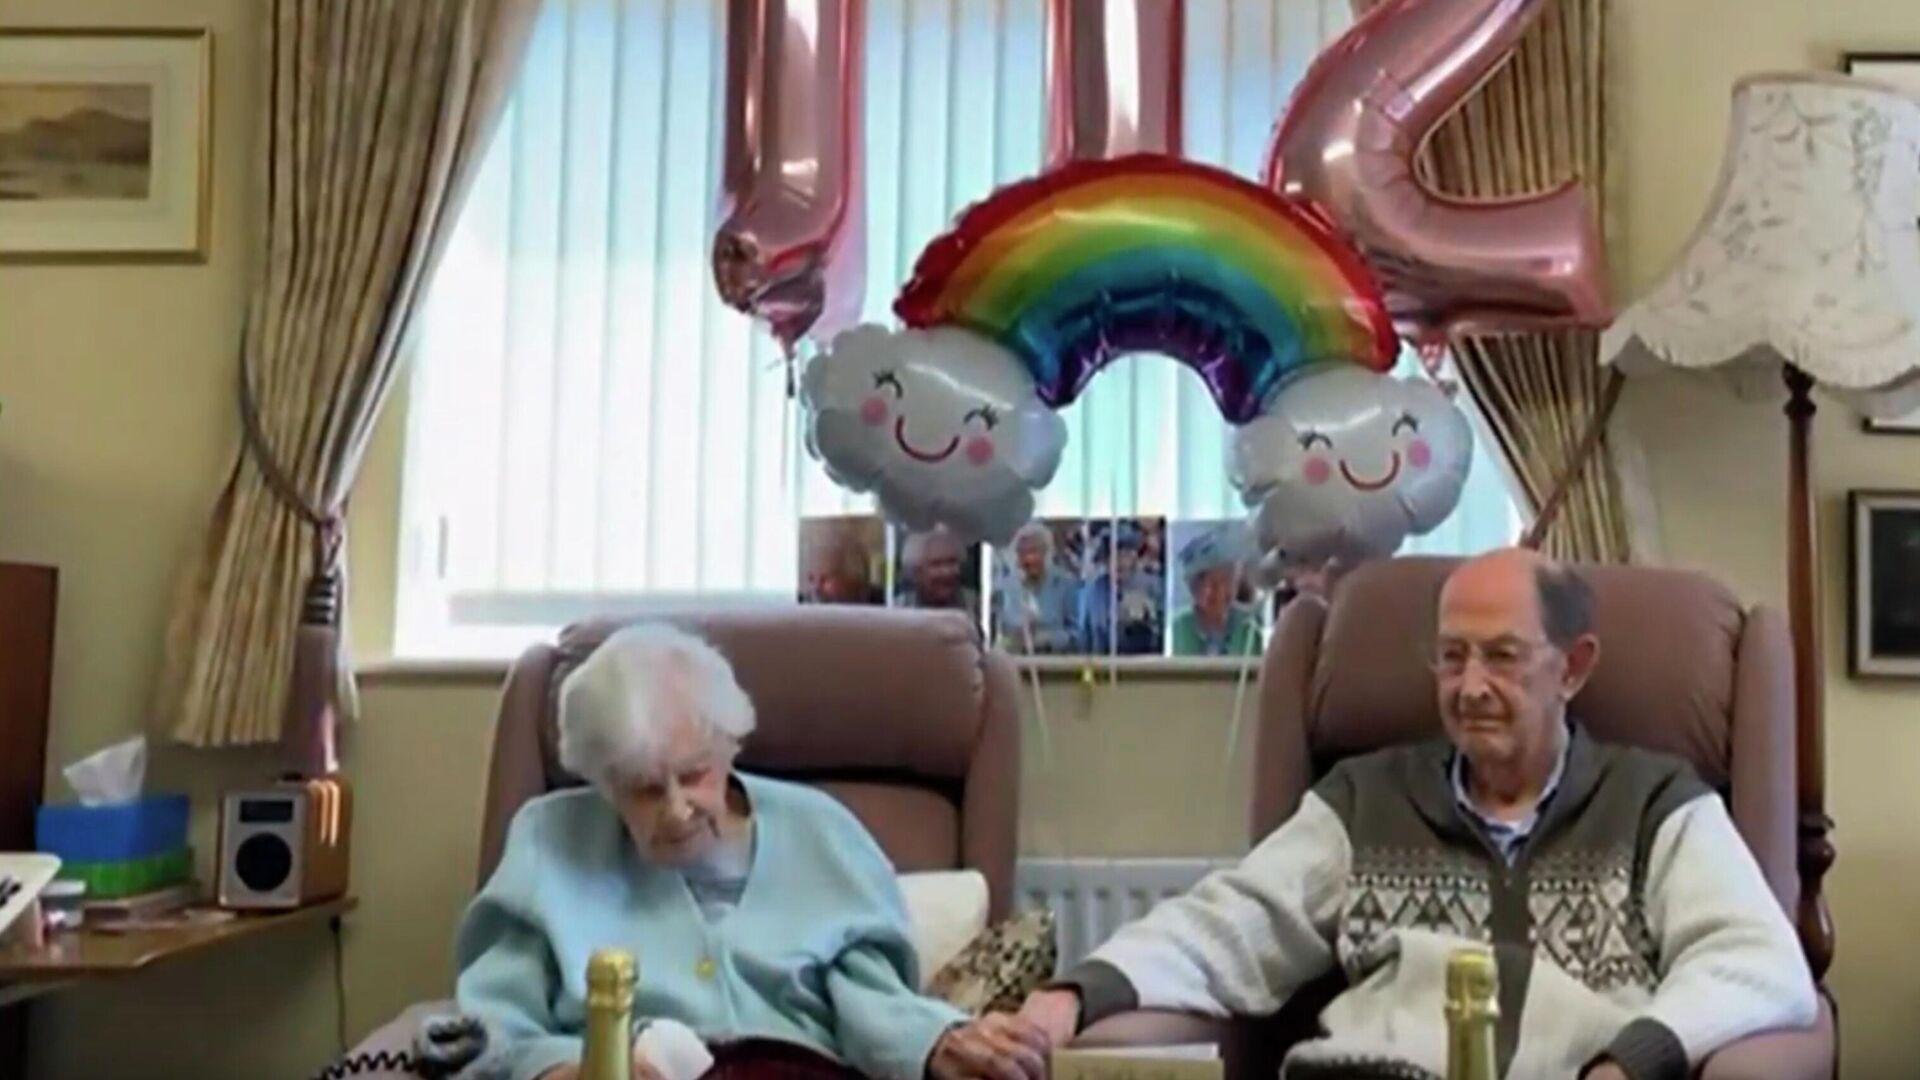 Скриншот видео о самом пожилом челове в Великобритании Джоан Хоккард - РИА Новости, 1920, 25.10.2020